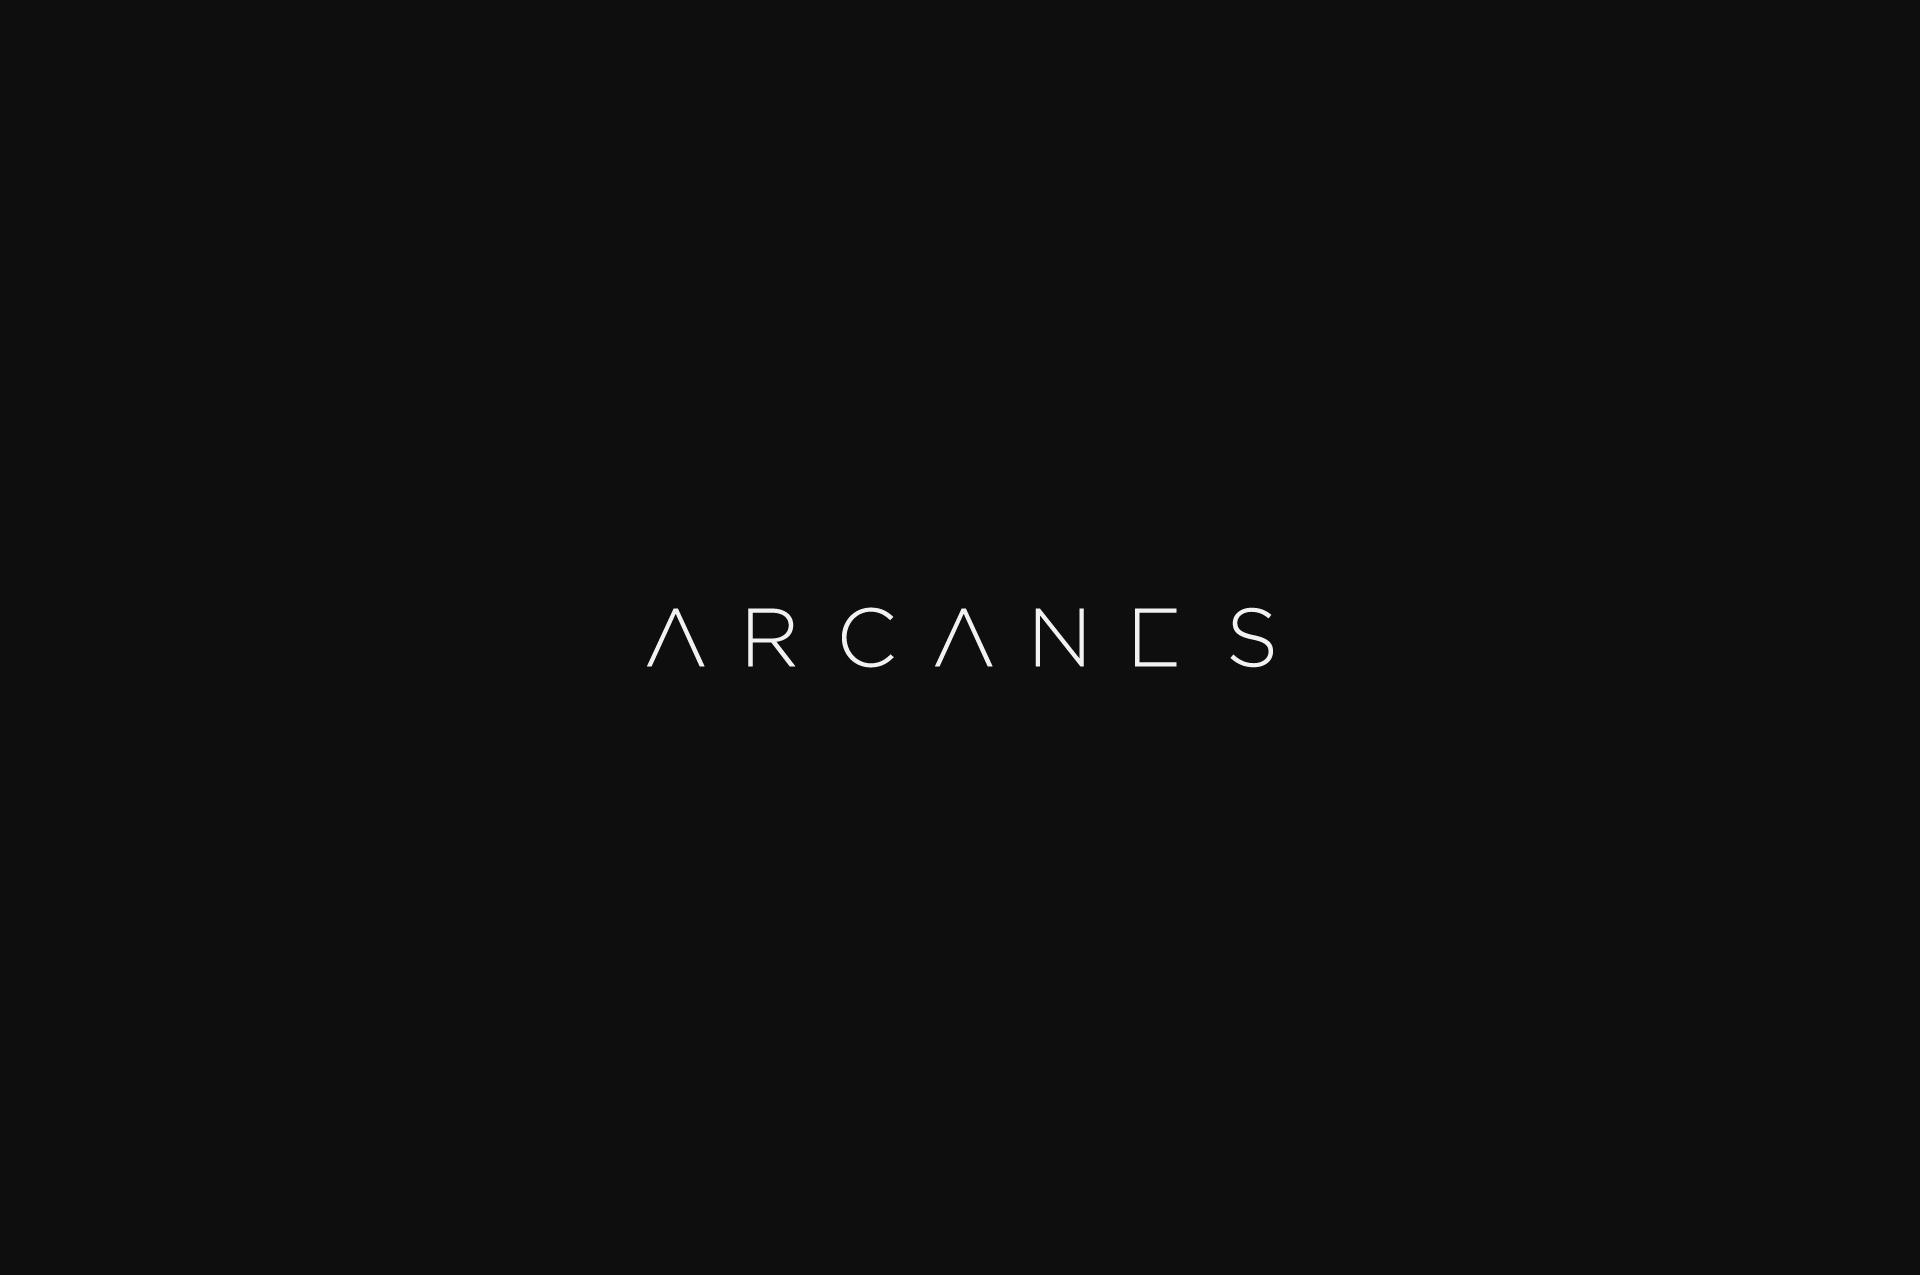 Arcanes identity